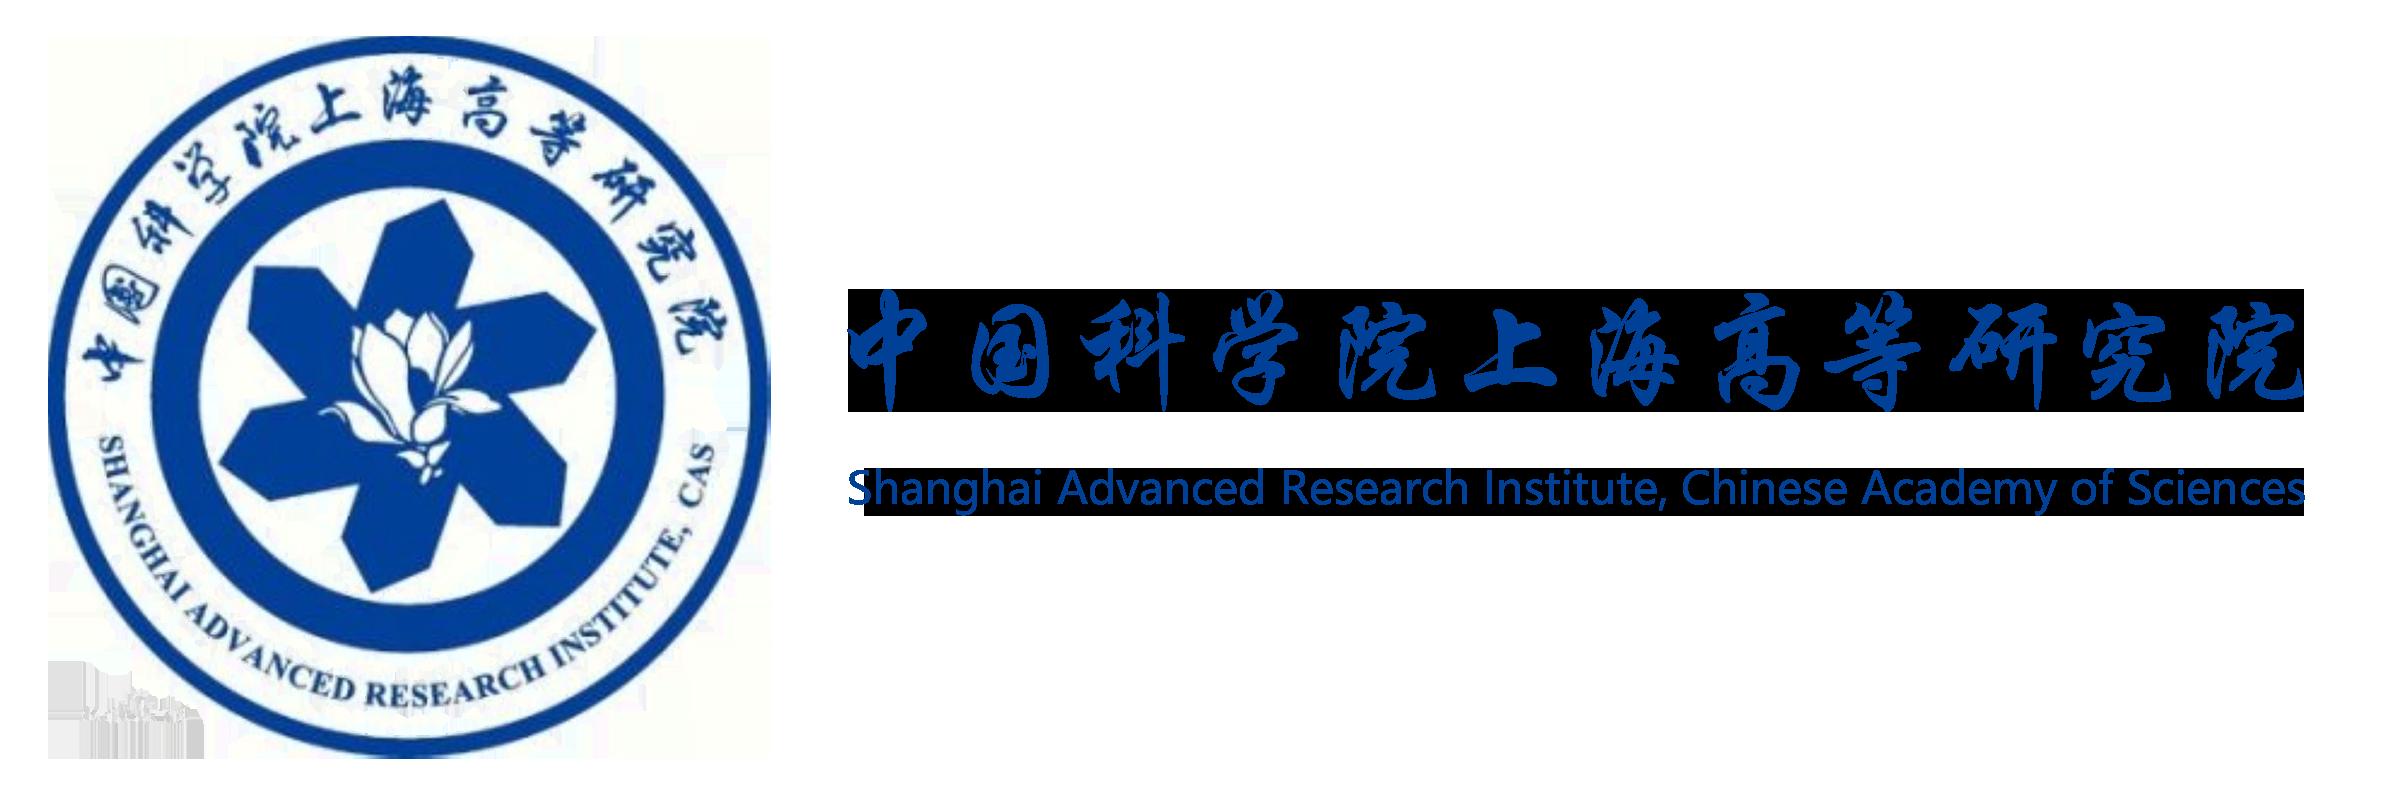 中国科学院上海高等研究所